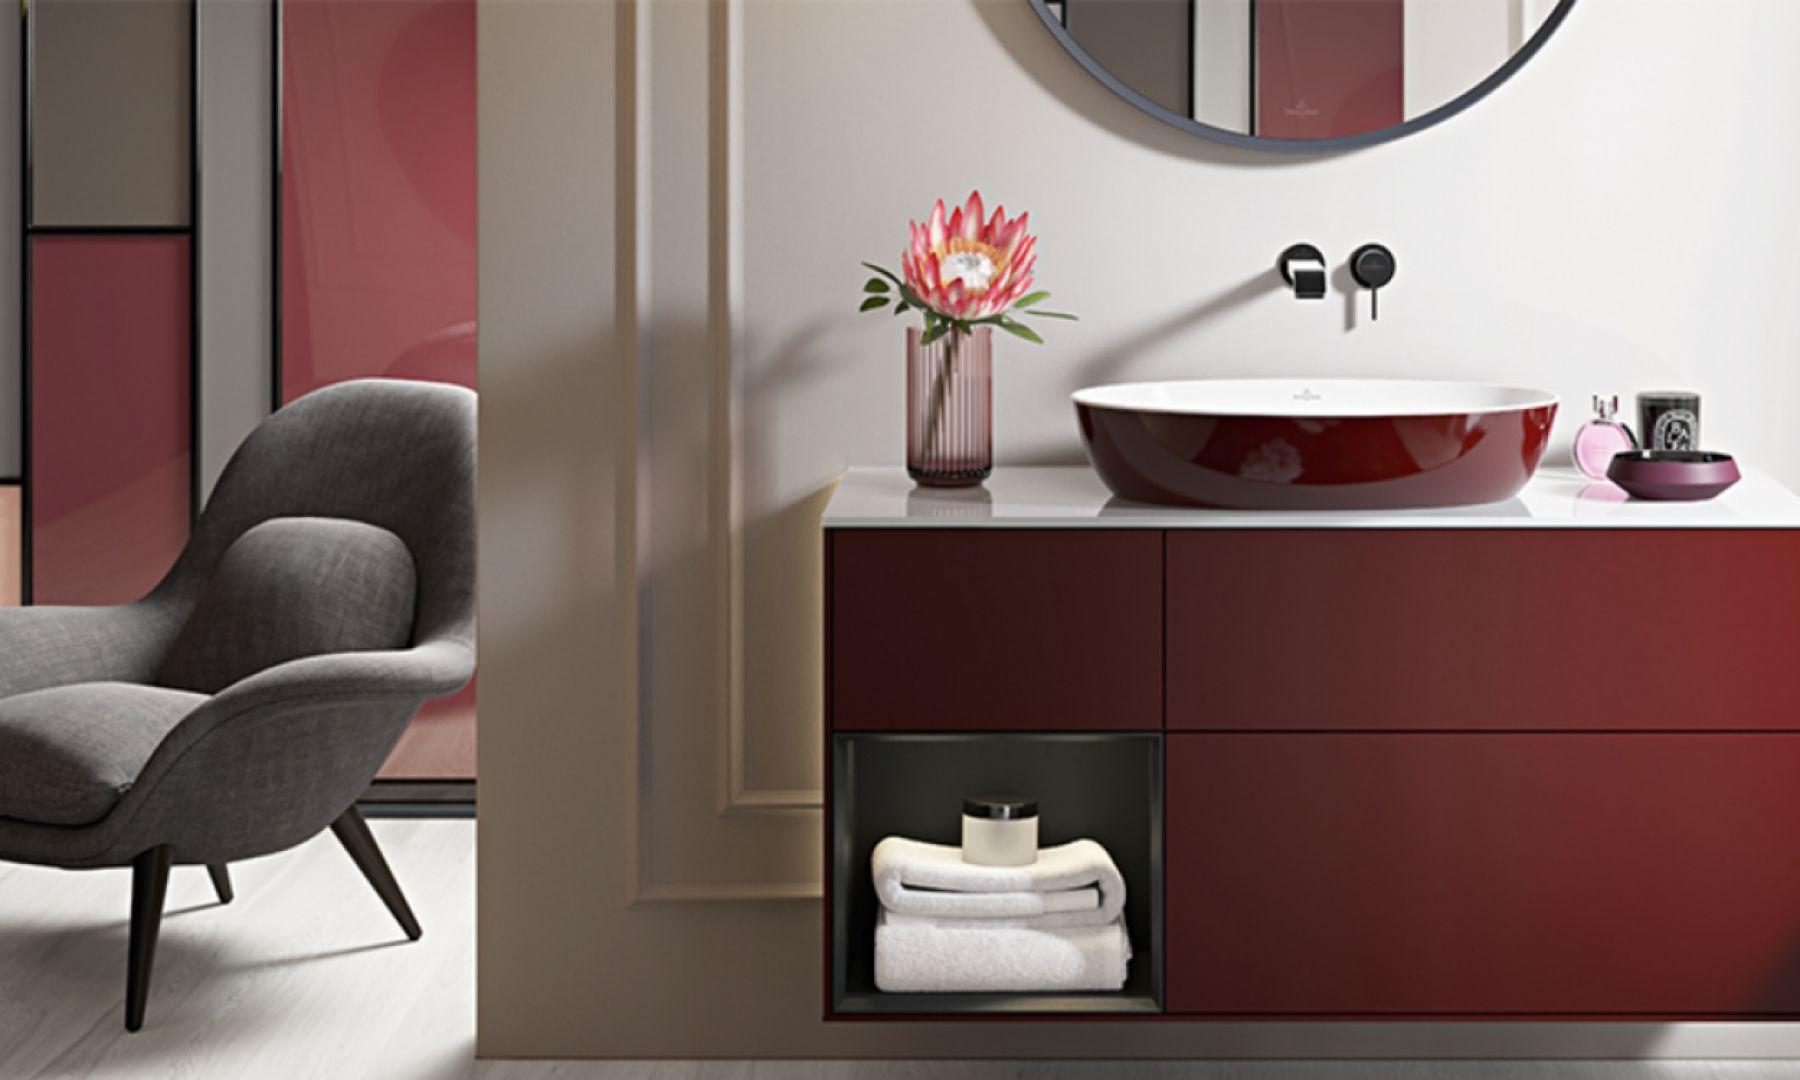 Kolekcja Artis BiColour od Villeroy & Boch pozwoli zachować spójność kolorystyczną w łazience. Fot. Villeroy & Boch